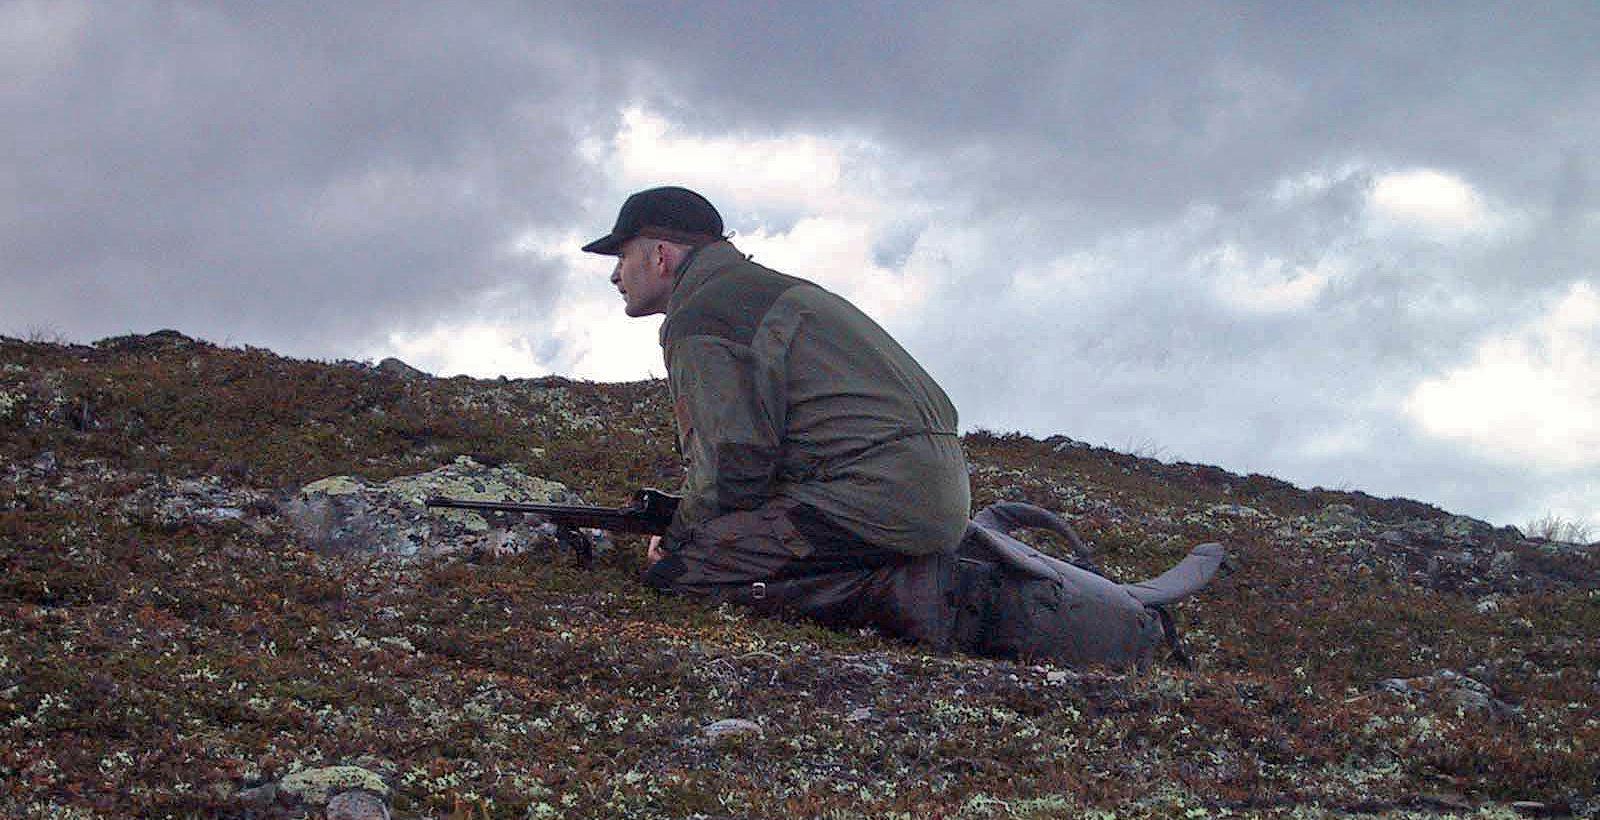 Årets kvote i Forollhogna er 600 dyr. Søndag 20. august er det alvor. Arkivfoto: Arne Nyaas